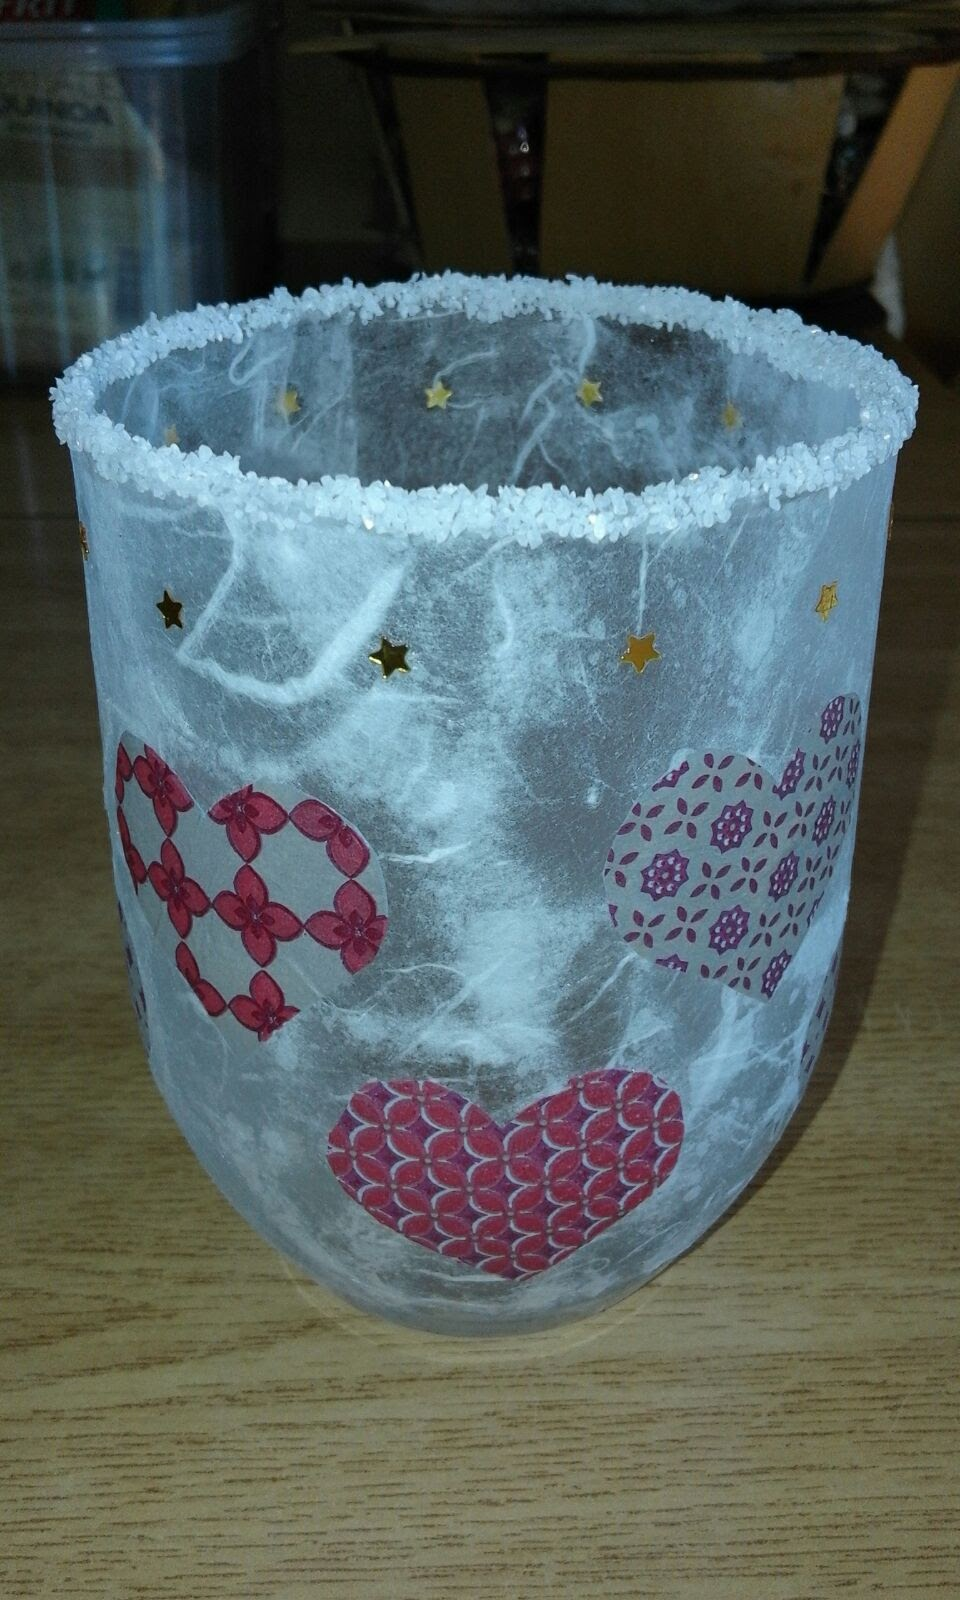 Vaso de vidrio trabajado con técnica de decoupage y diseños de corazones